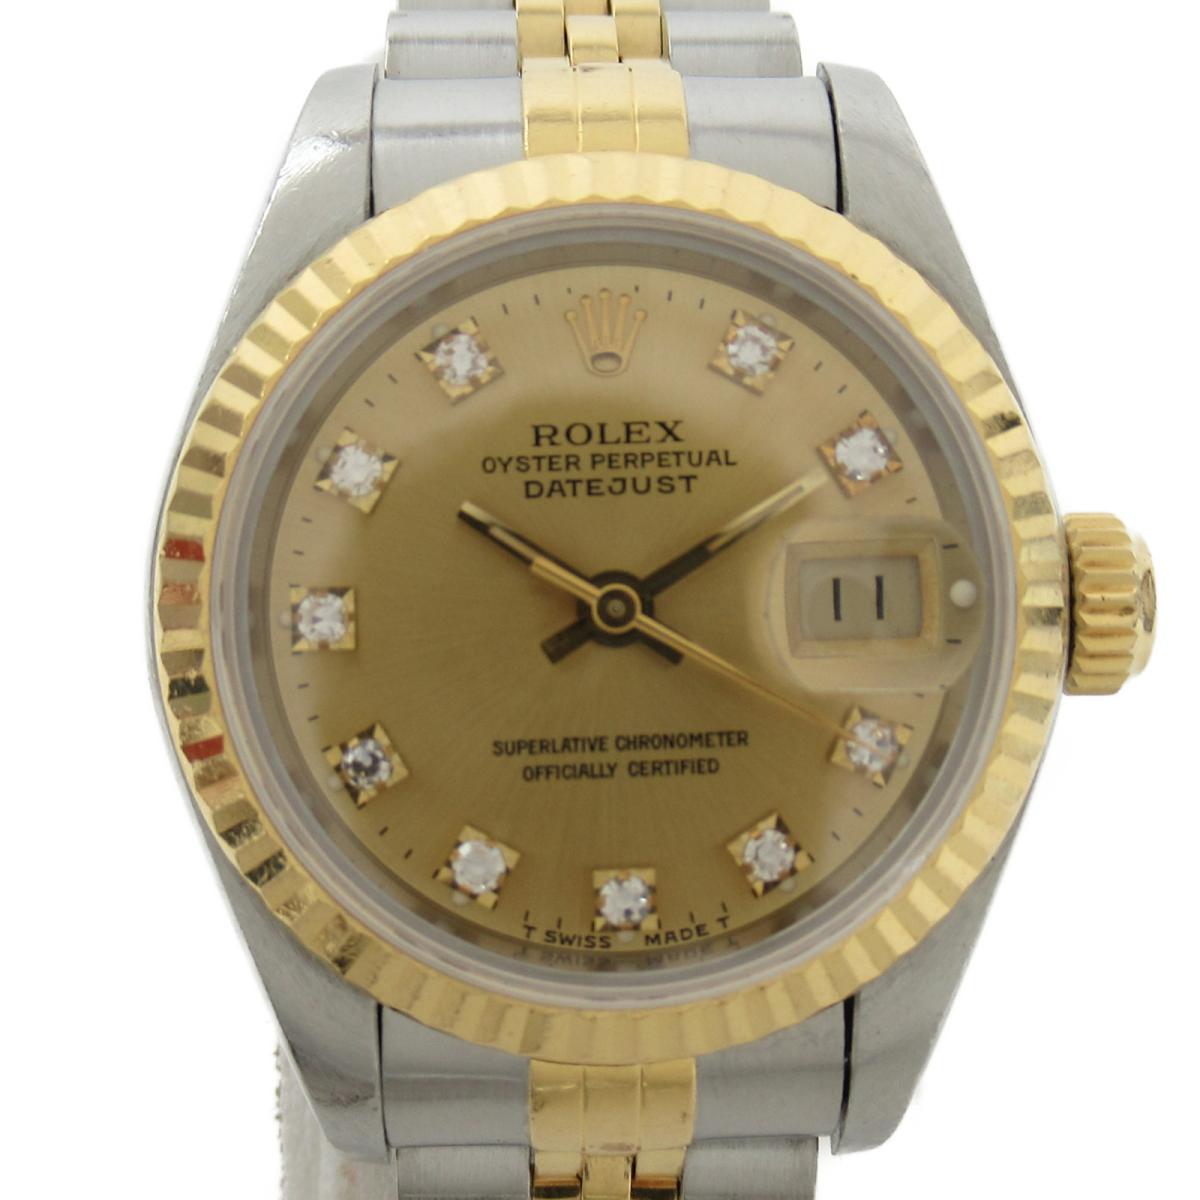 【中古】 ロレックス デイトジャスト 10Pダイヤ ウォッチ 腕時計 レディース K18YG (750)イエローゴールド x ステンレススチール (SS) ダイヤモンド (69173G C番) | ROLEX BRANDOFF ブランドオフ ブランド ブランド時計 ブランド腕時計 時計